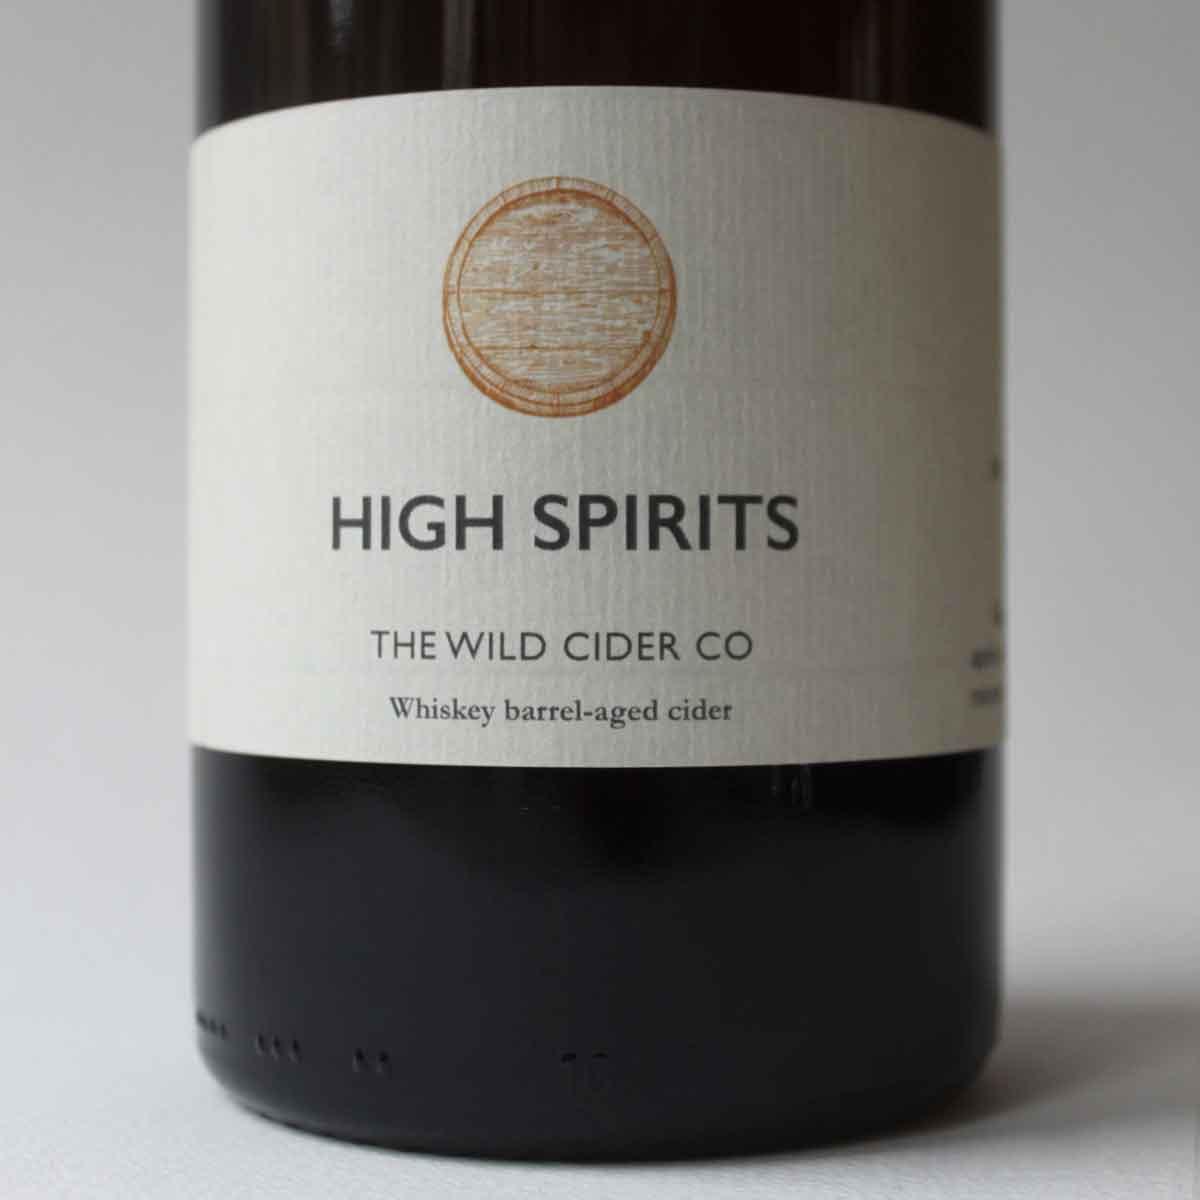 Wild Cider Co High Spirits 7.0% (750ml)